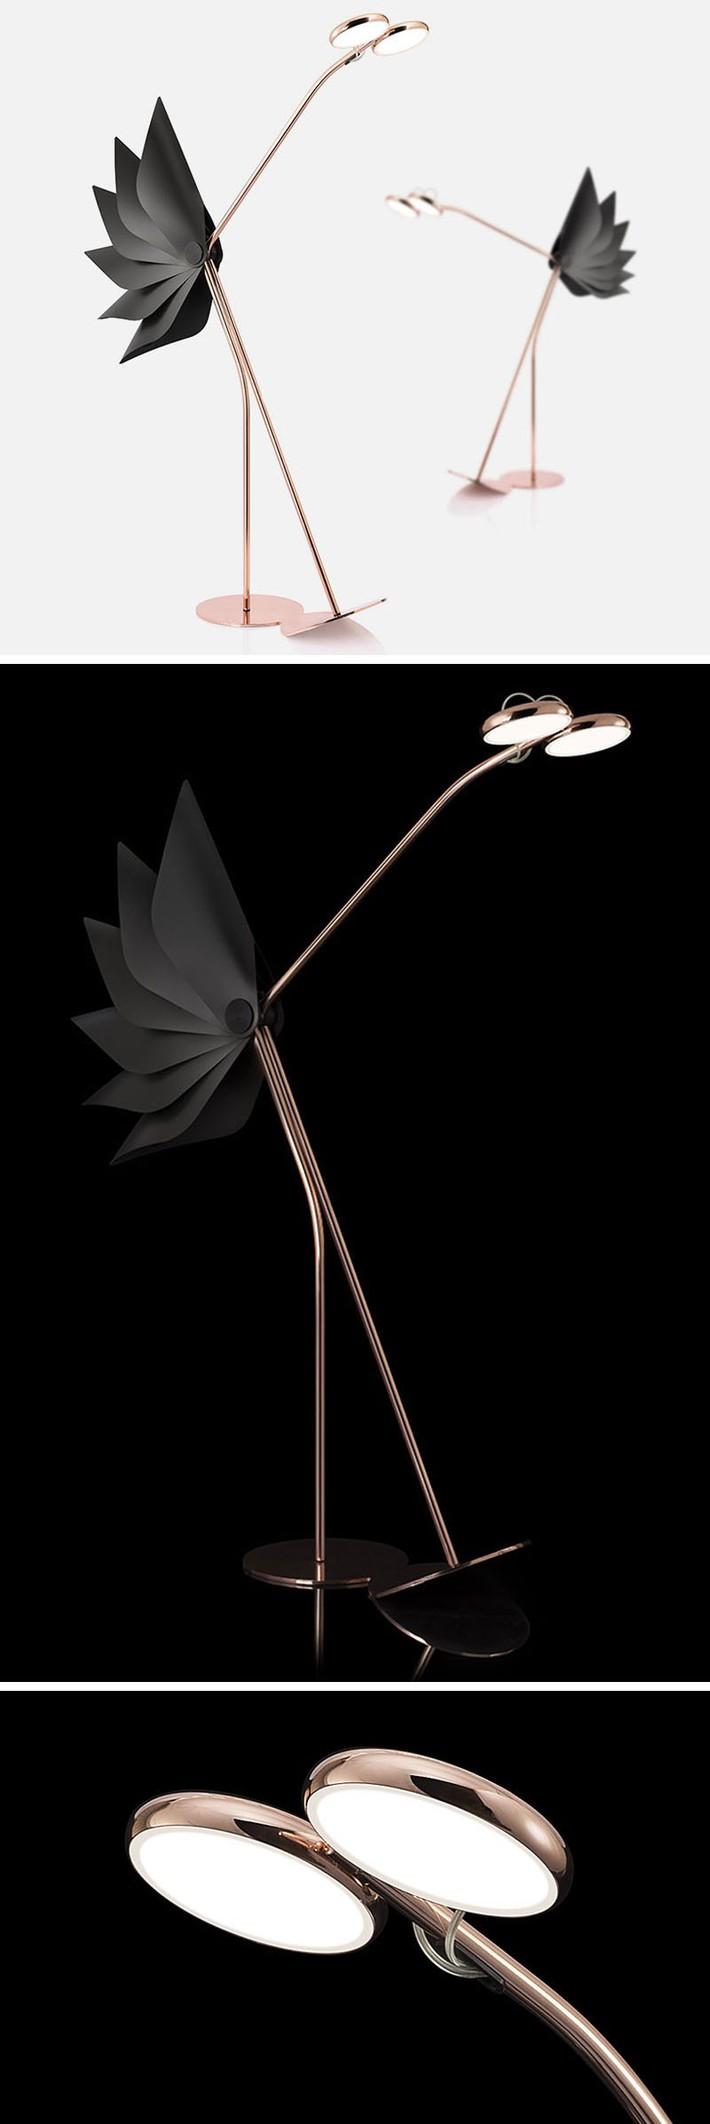 Có những mẫu đèn trang trí siêu ấn tượng này trong nhà thì còn sợ gì không gian sống đơn điệu - Ảnh 16.